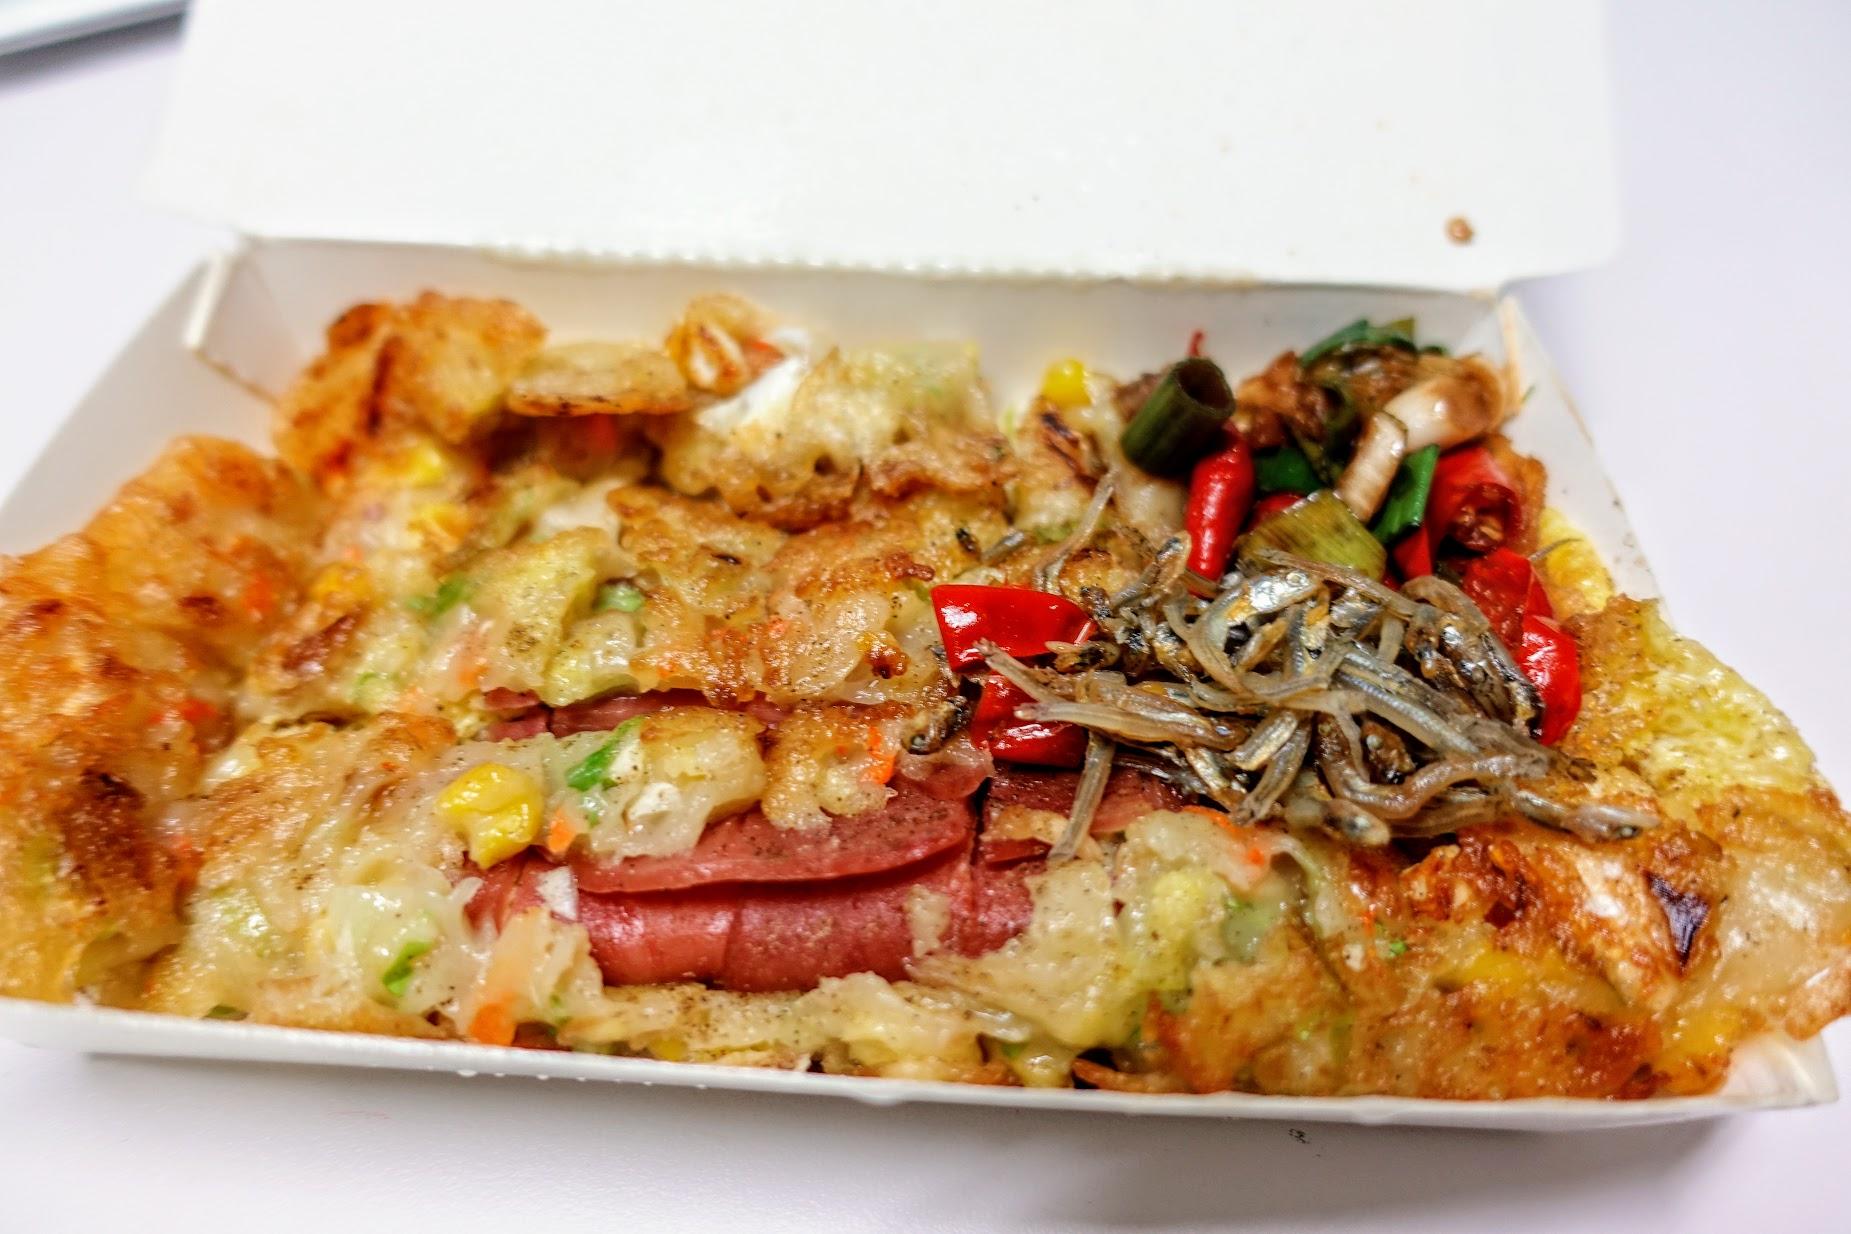 火腿蛋餅,滿滿的一盒啊! 是麵糊蛋餅,表皮很酥脆,裡頭還有紅蘿蔔/蔥花/玉米的料喔..